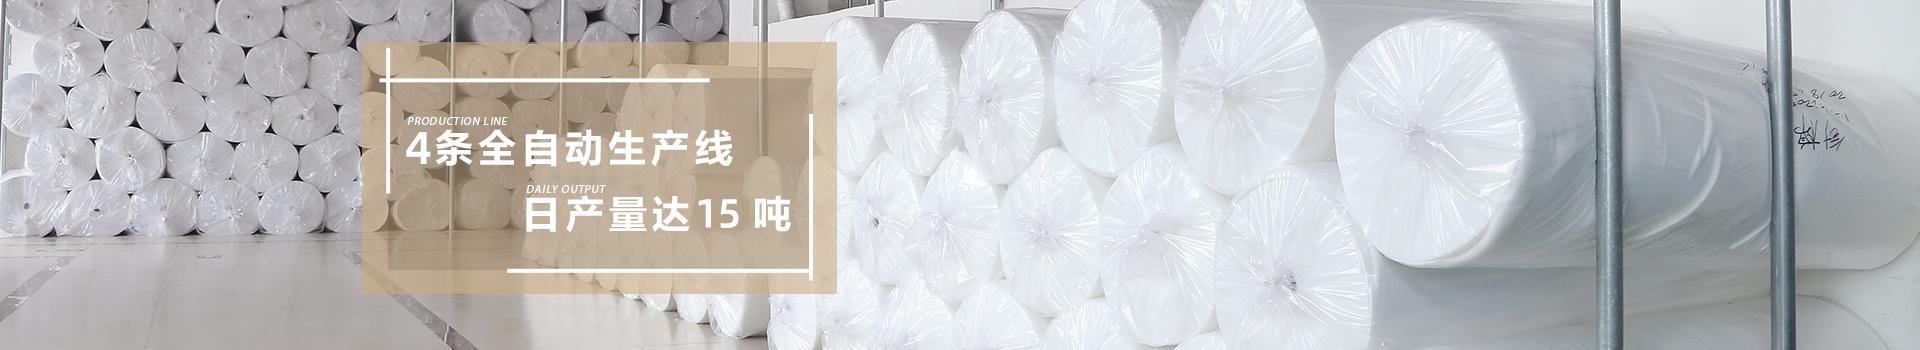 智成-4条全自动生产线,日产量达15吨